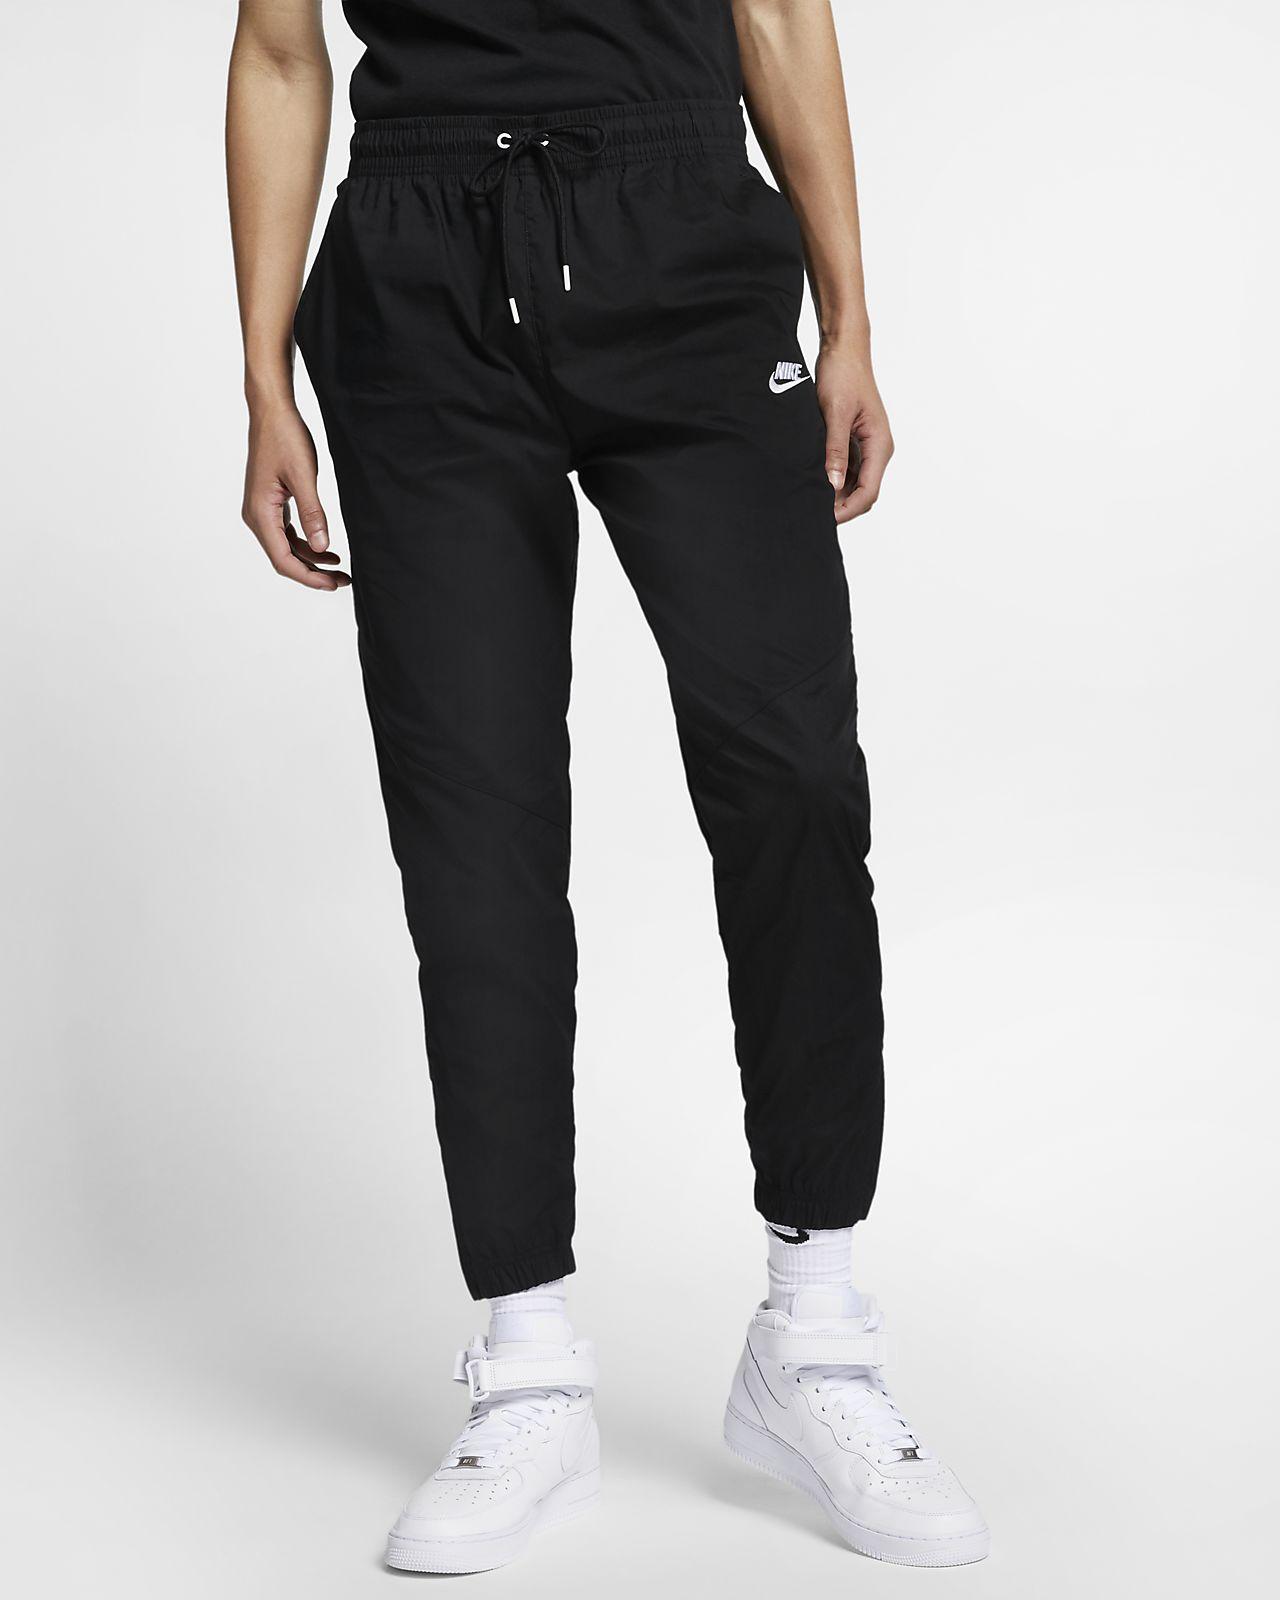 ddfe5305bee7d1 Low Resolution Nike Sportswear Windrunner Men s Pants Nike Sportswear  Windrunner Men s Pants